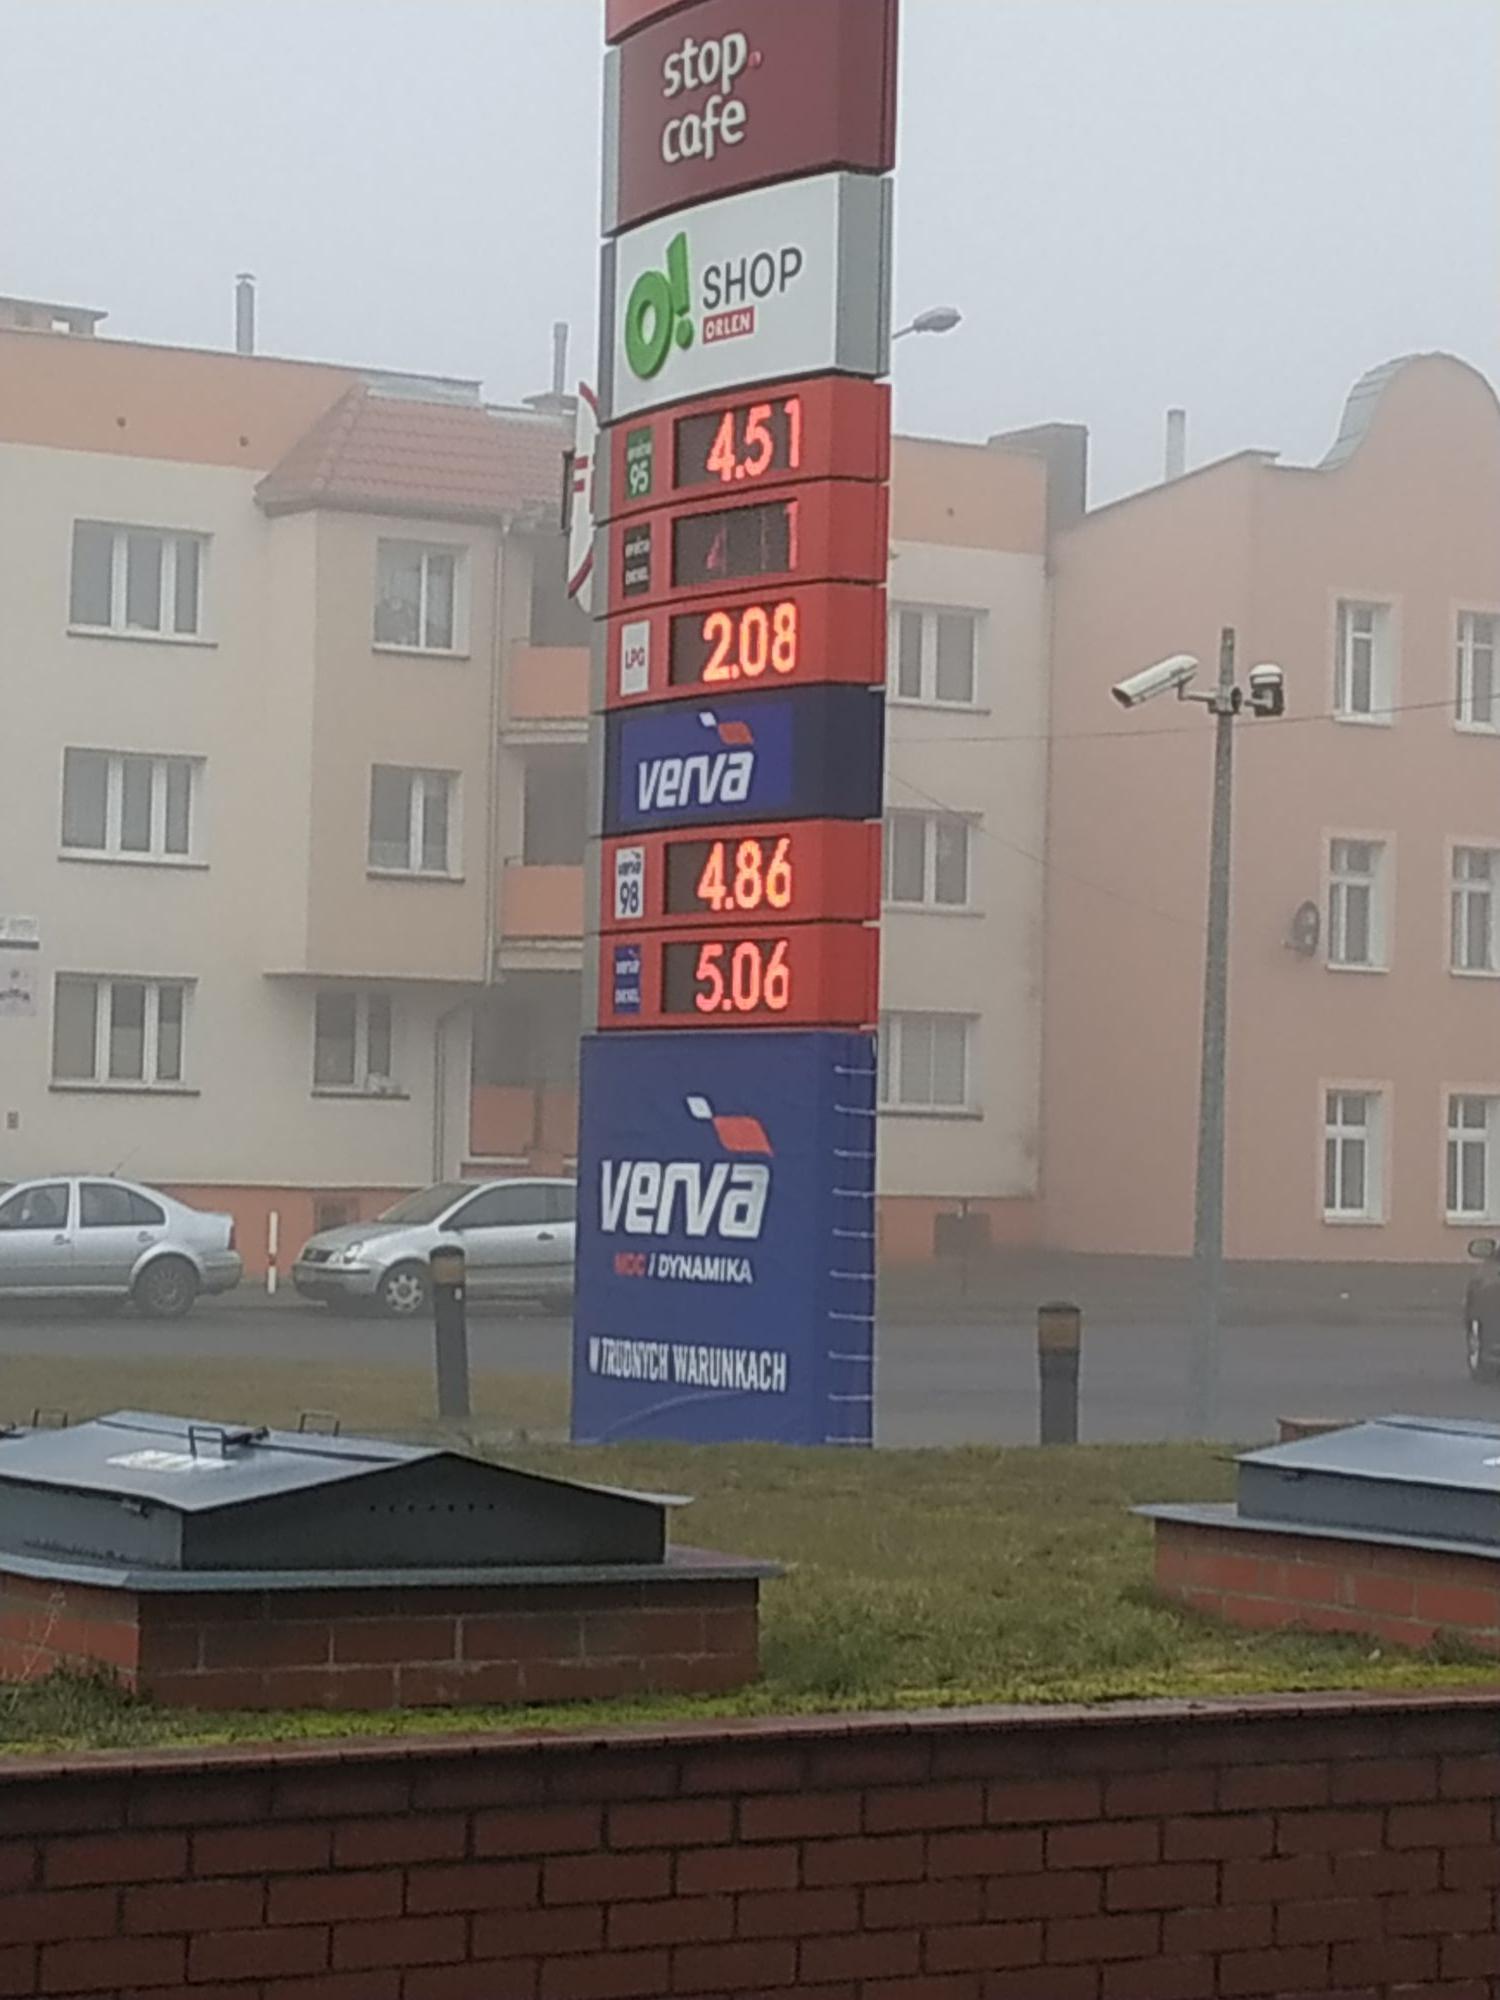 Benzyna effecta e95, Piła al. Niepodległości